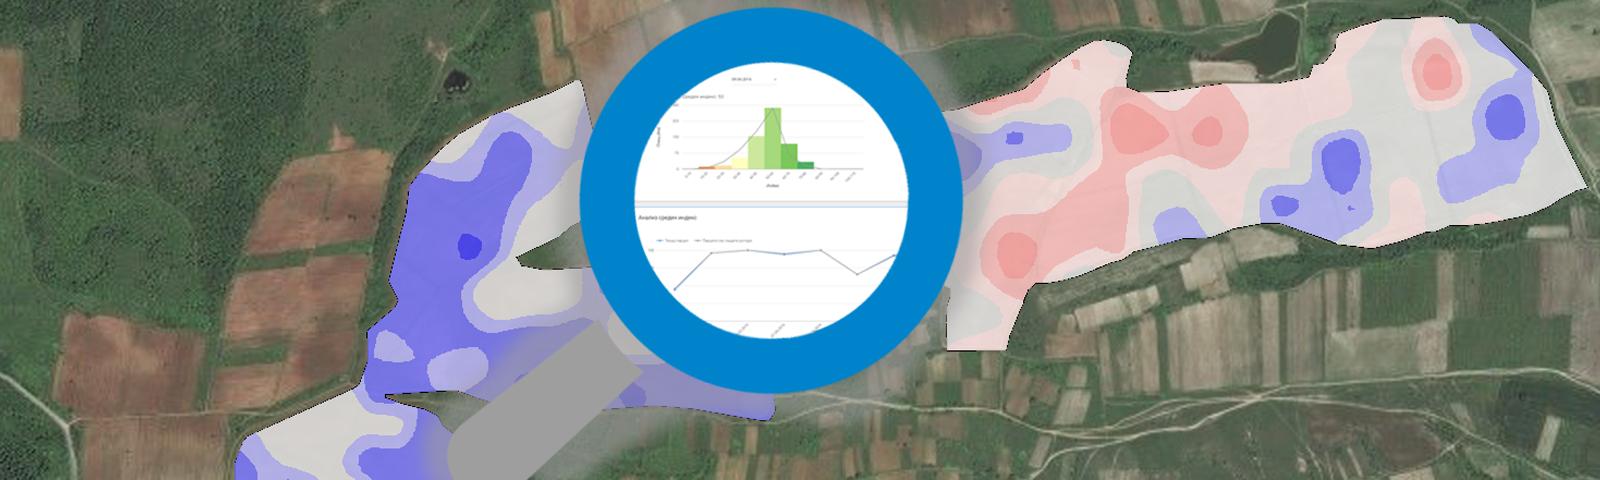 Soil sampling maps in GeoSCAN 3.0